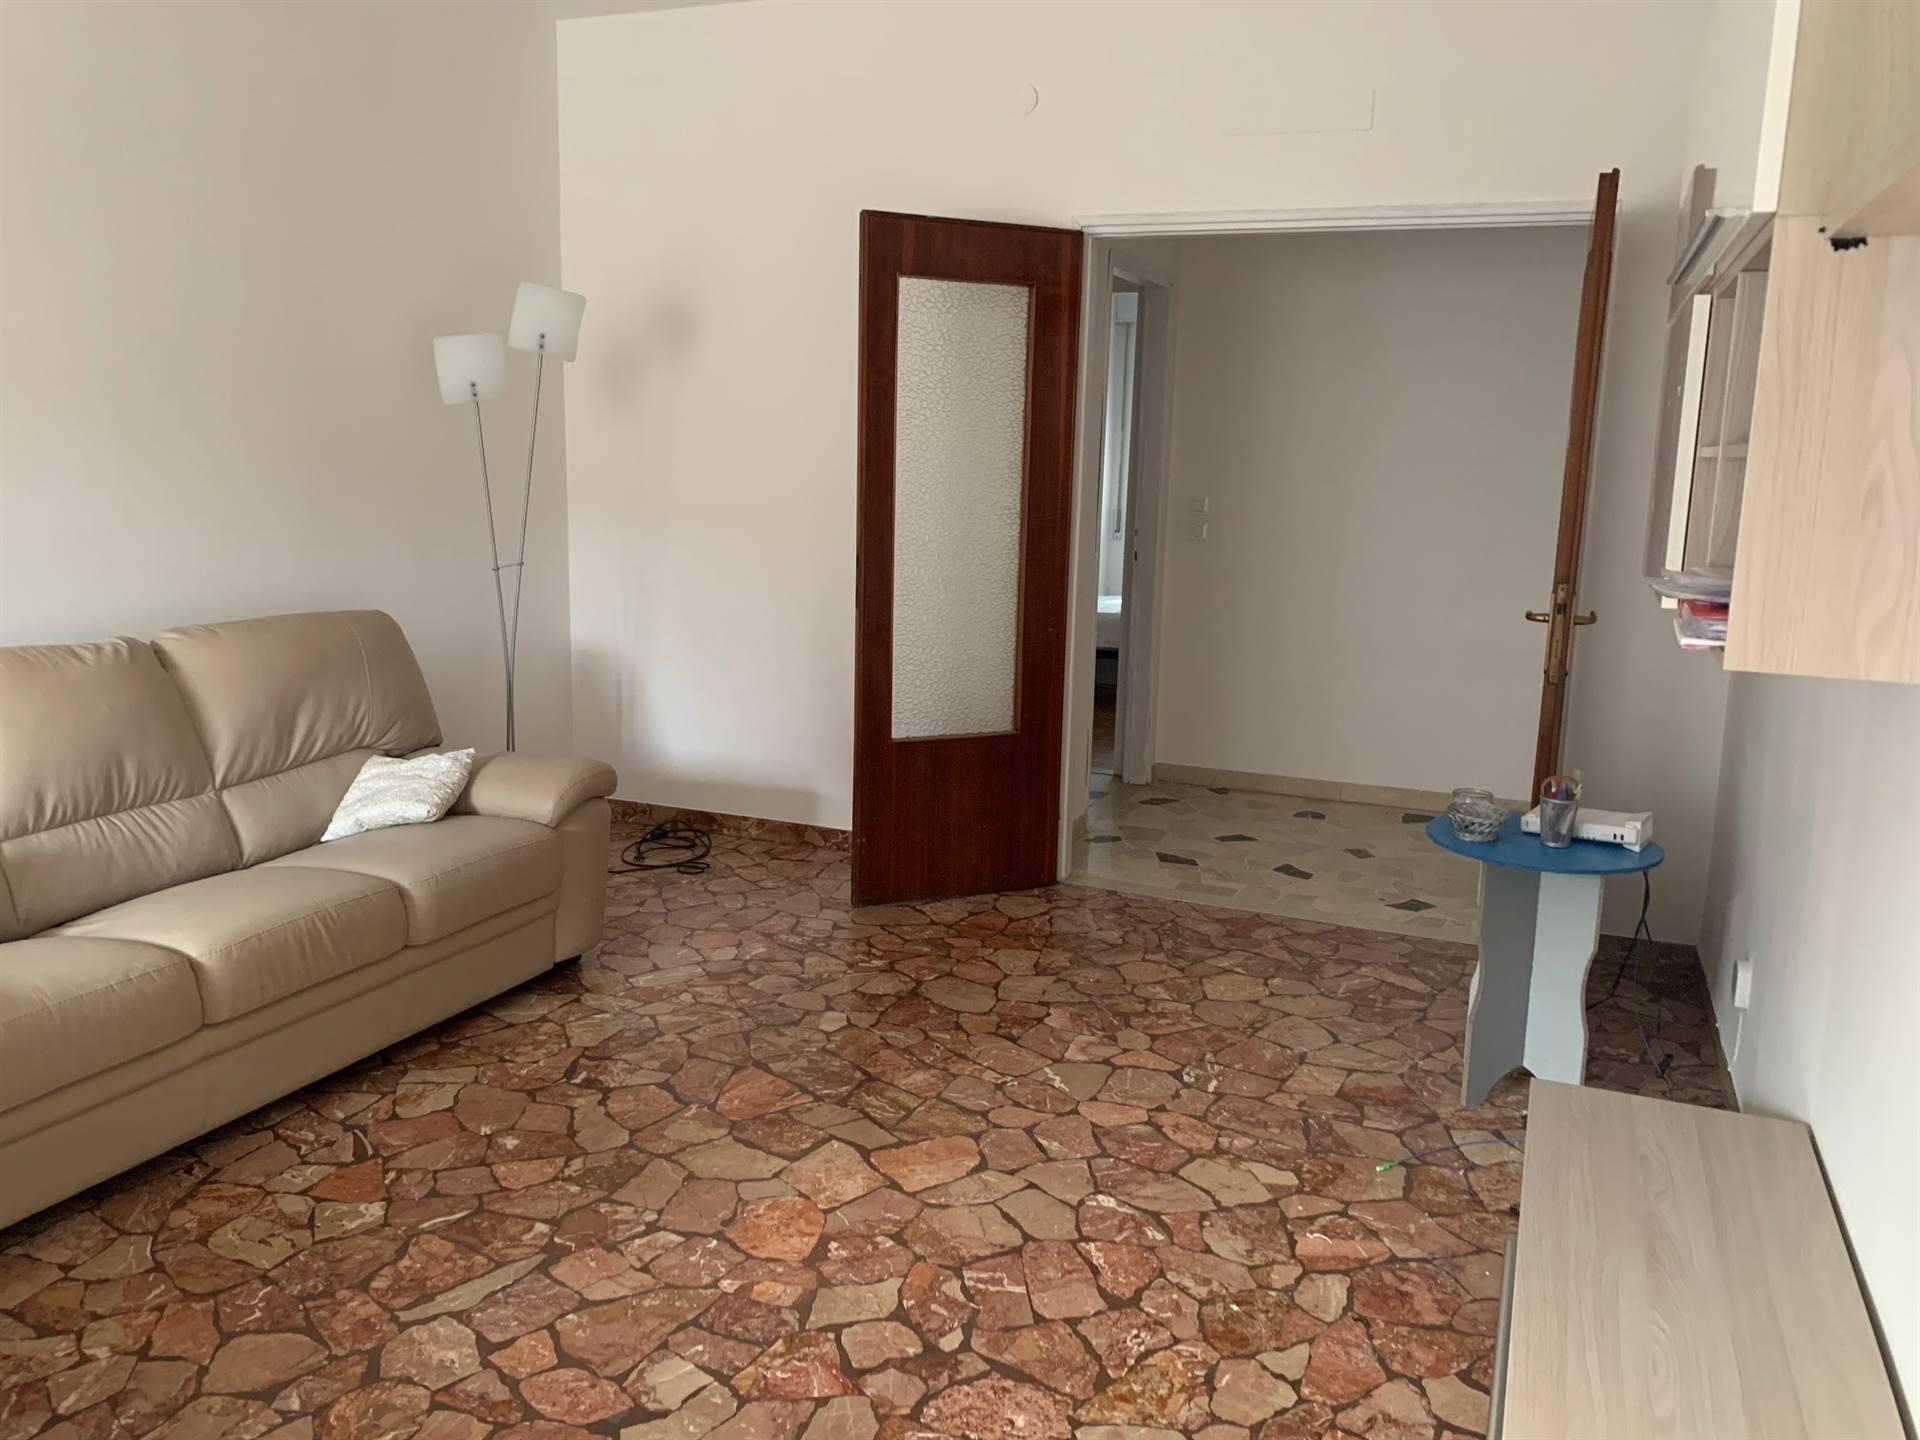 salotto affitto Mestre 3 camere  comodo Venezia